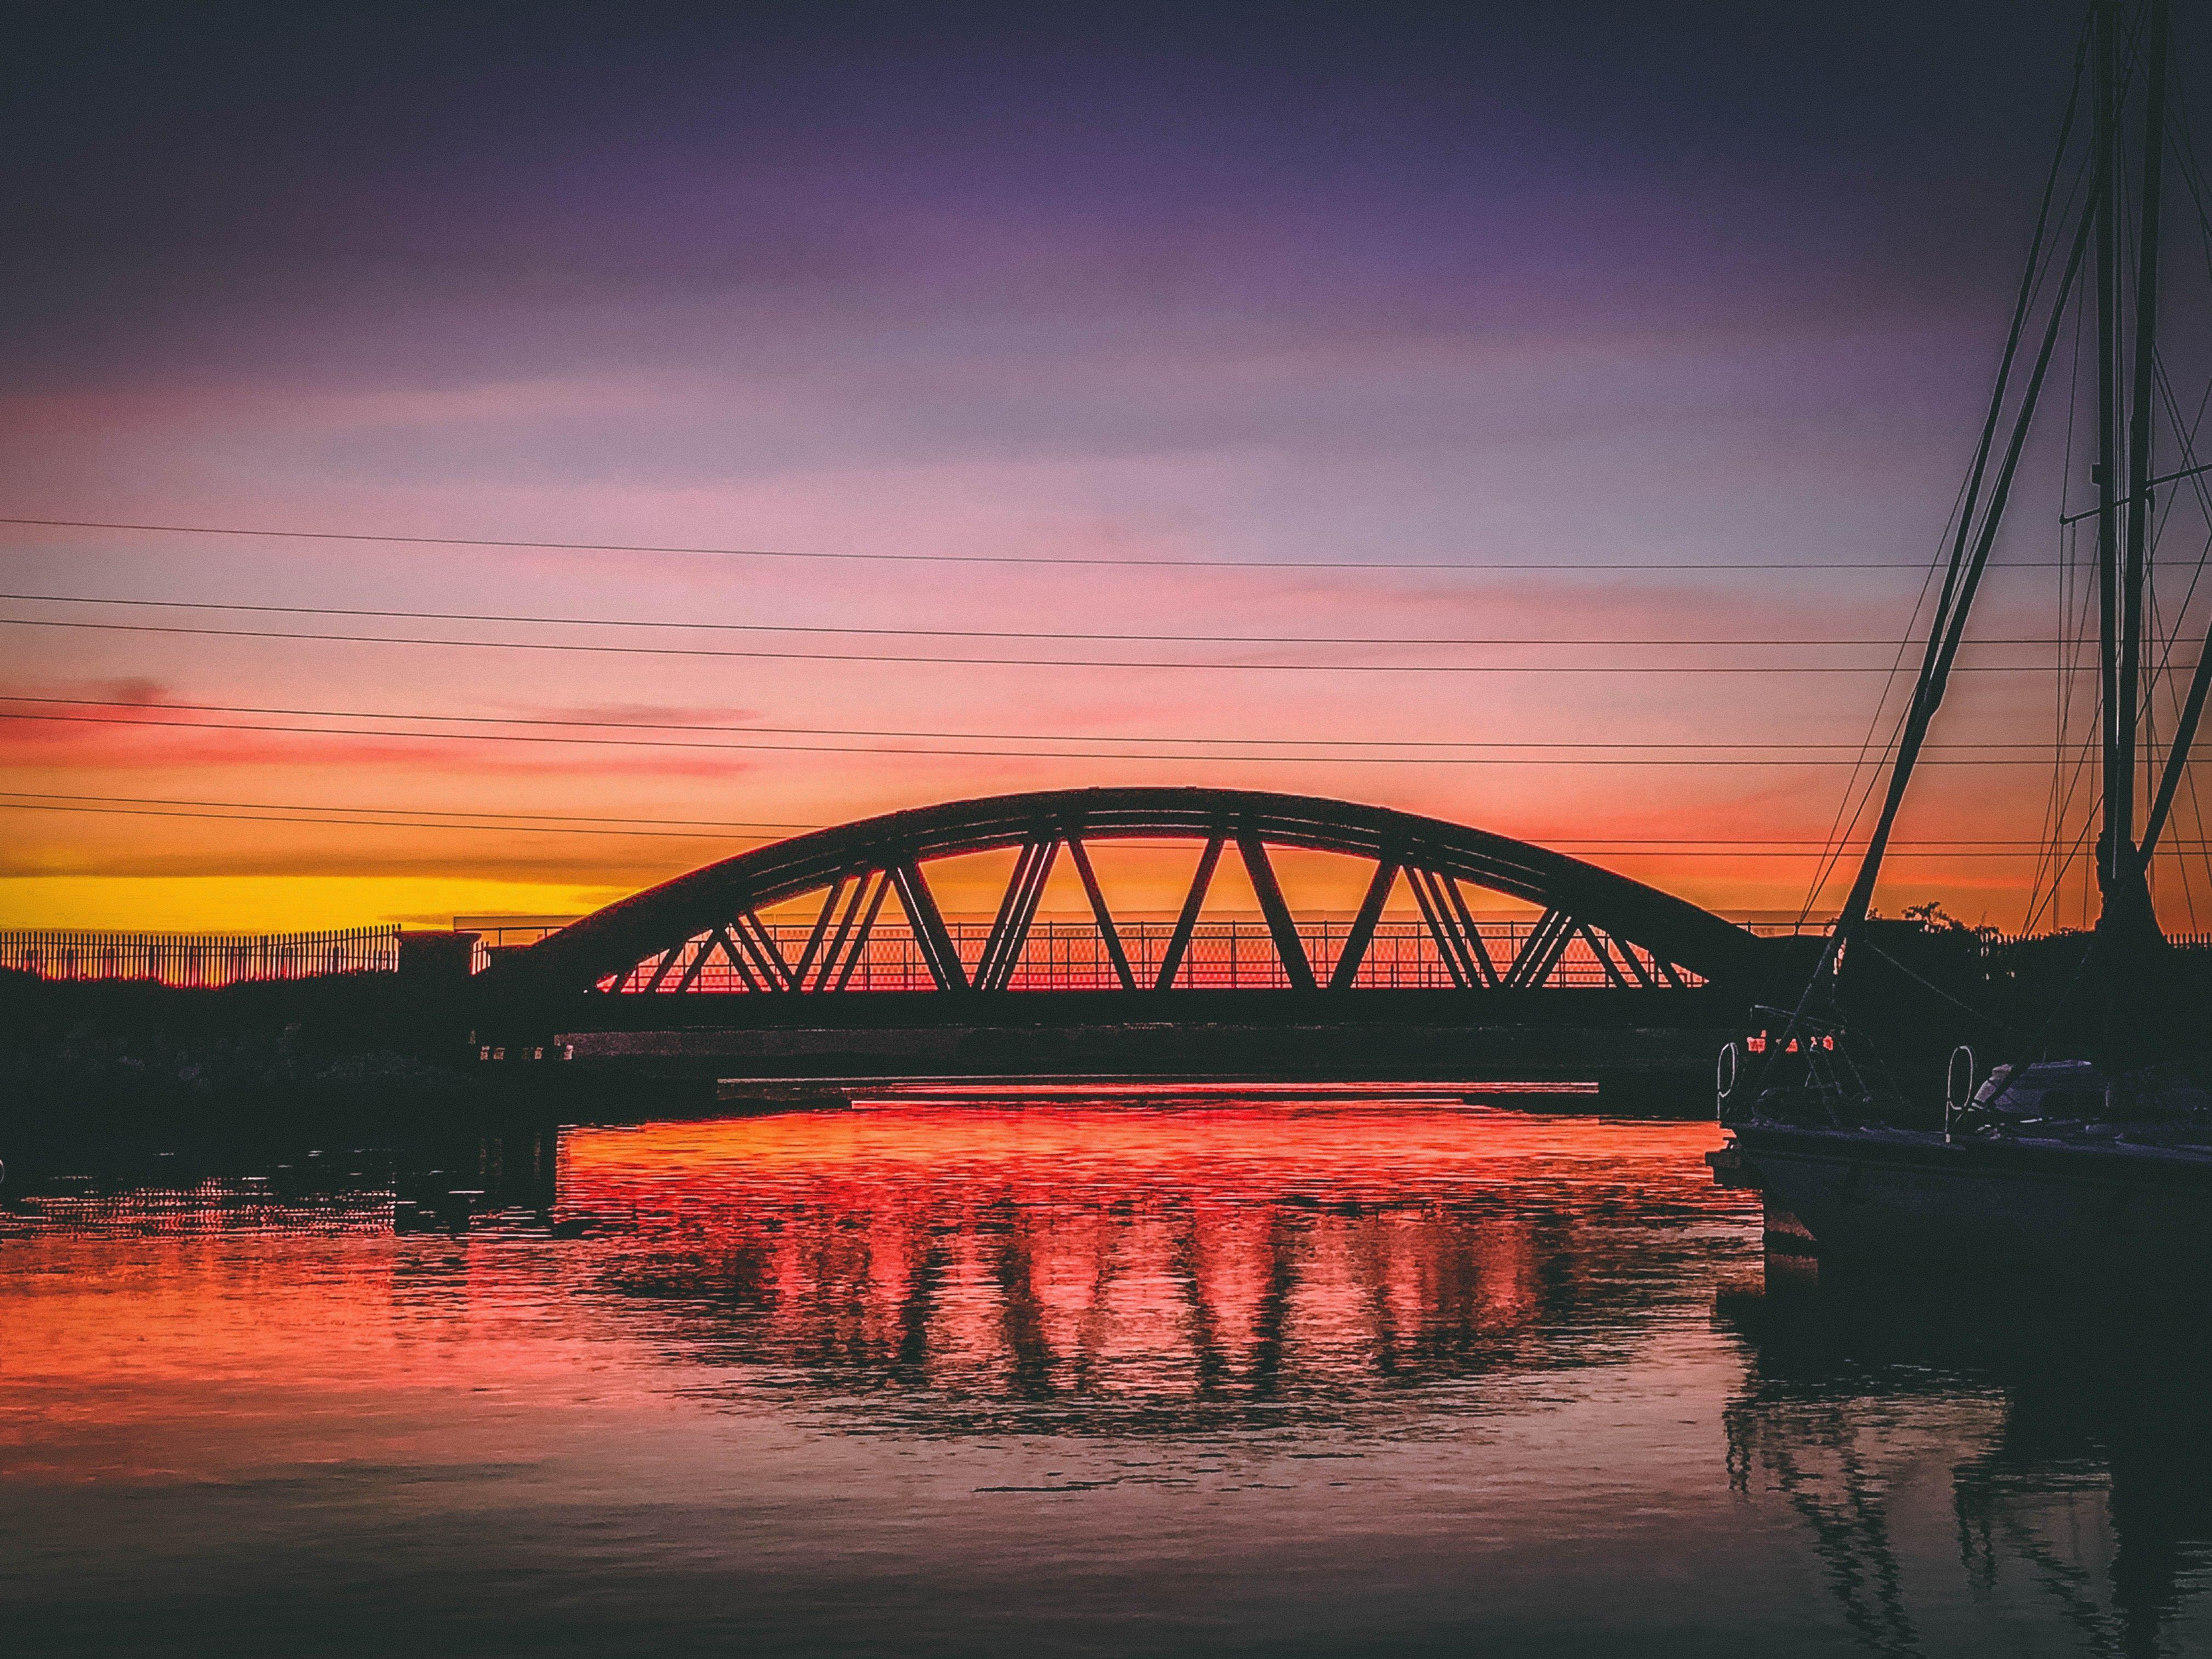 Silhouette Of Bridge Under Orange Sky